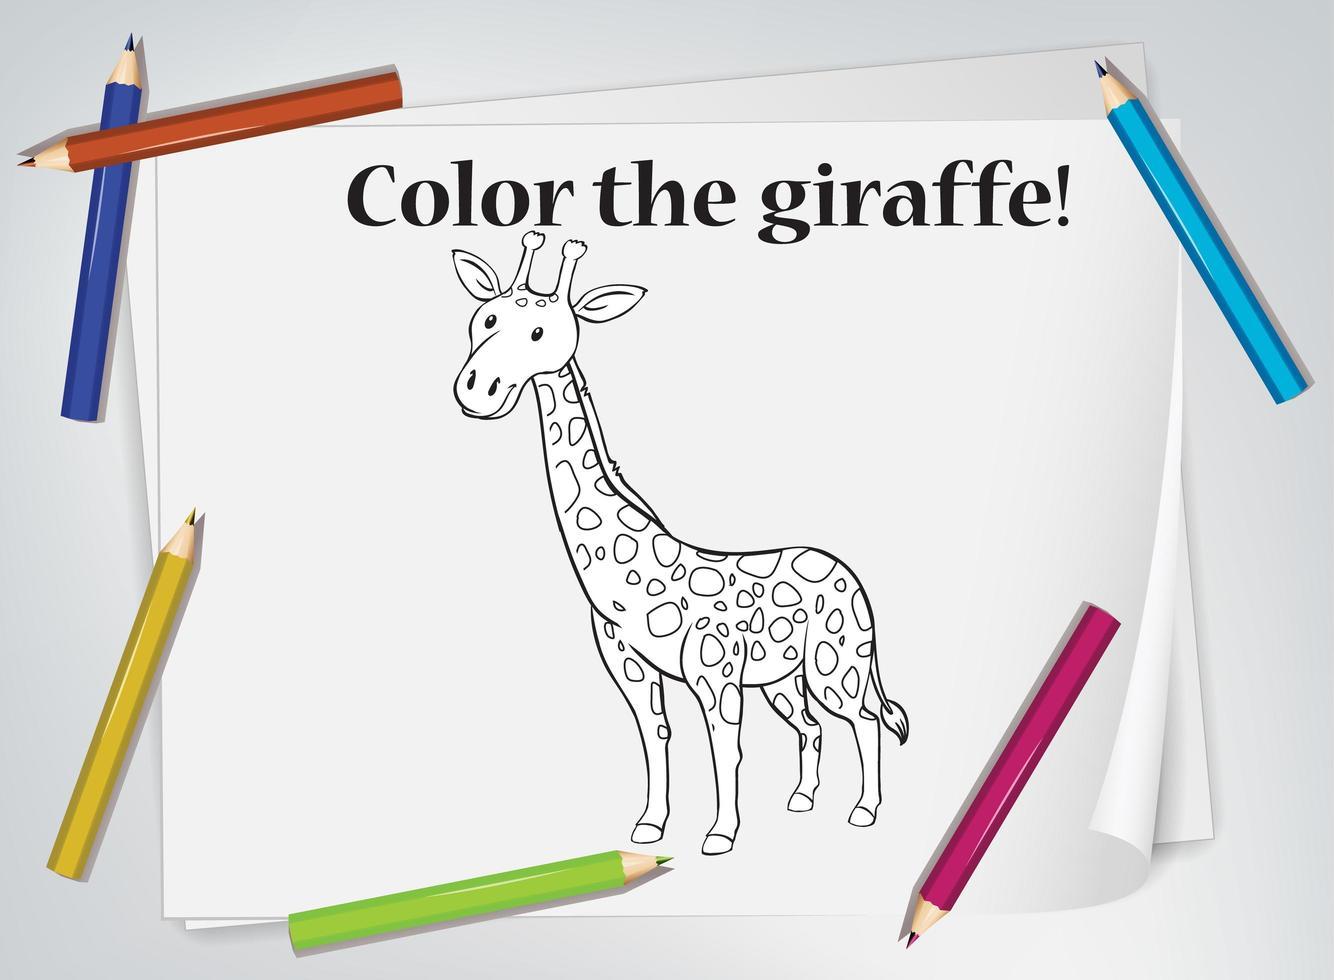 Foglio Da Colorare Per Bambini Giraffa 1185151 Scarica Immagini Vettoriali Gratis Grafica Vettoriale E Disegno Modelli